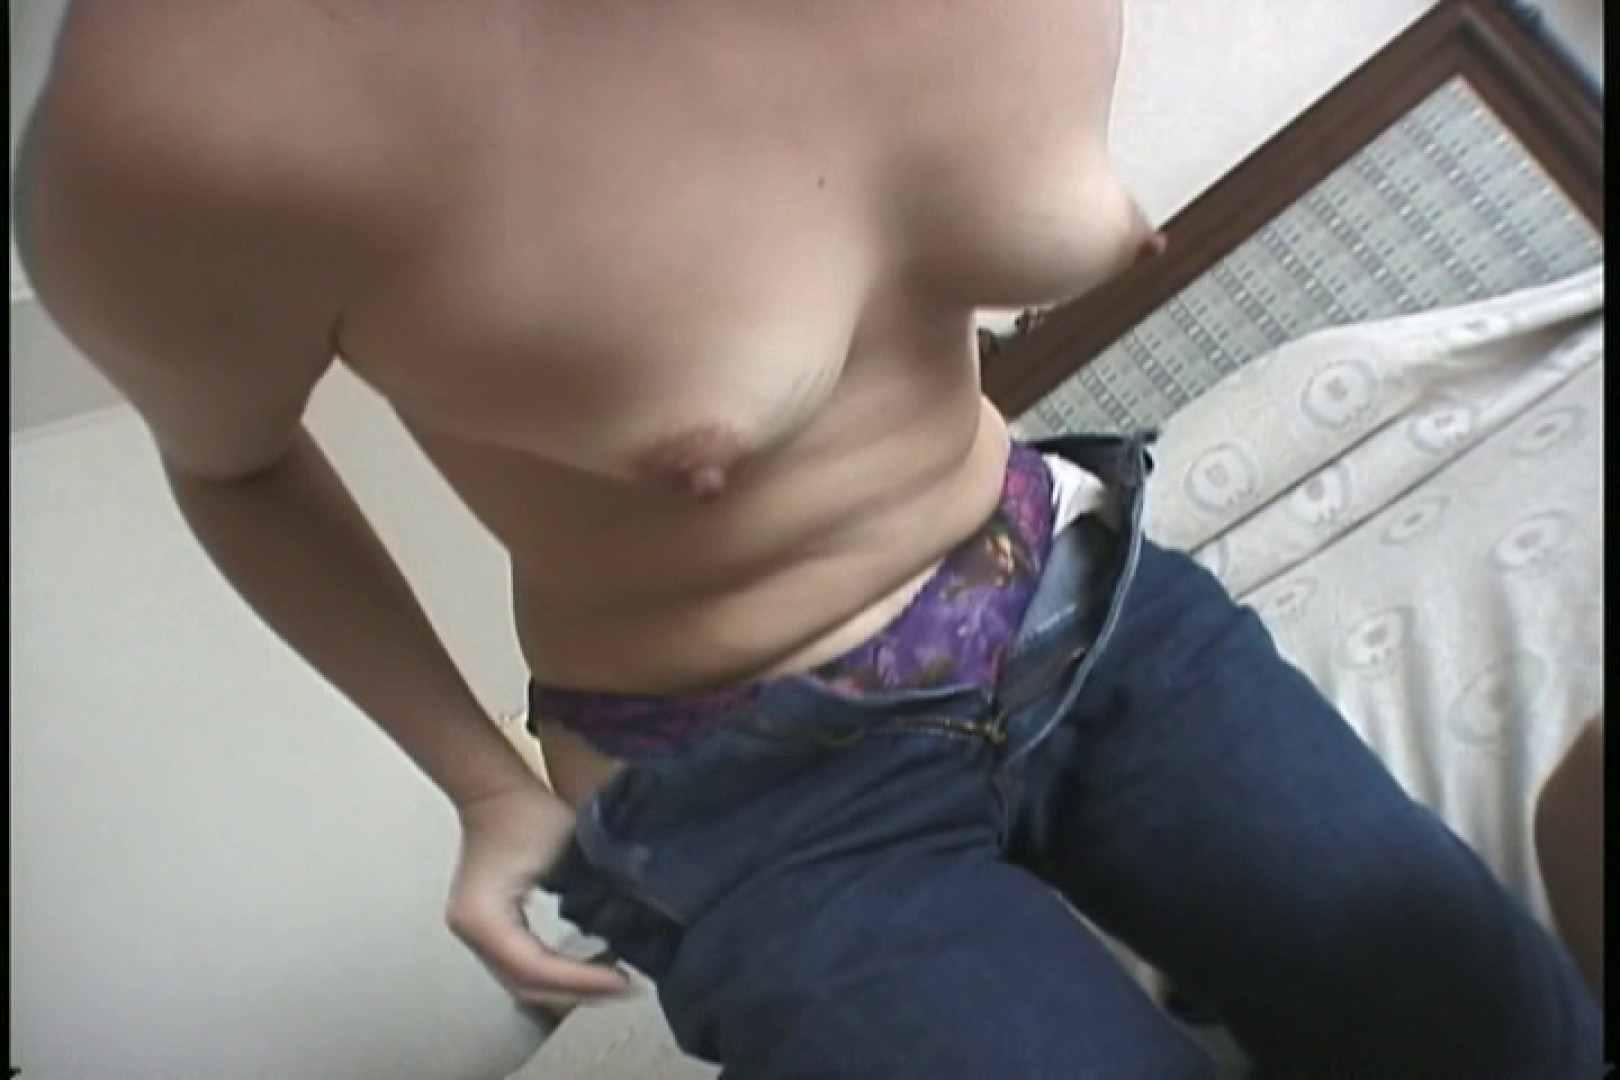 初めてのビデオ撮影に緊張する素人OLとセックス~武田じゅん~ 素人 | ギャル達のセックス  82画像 48